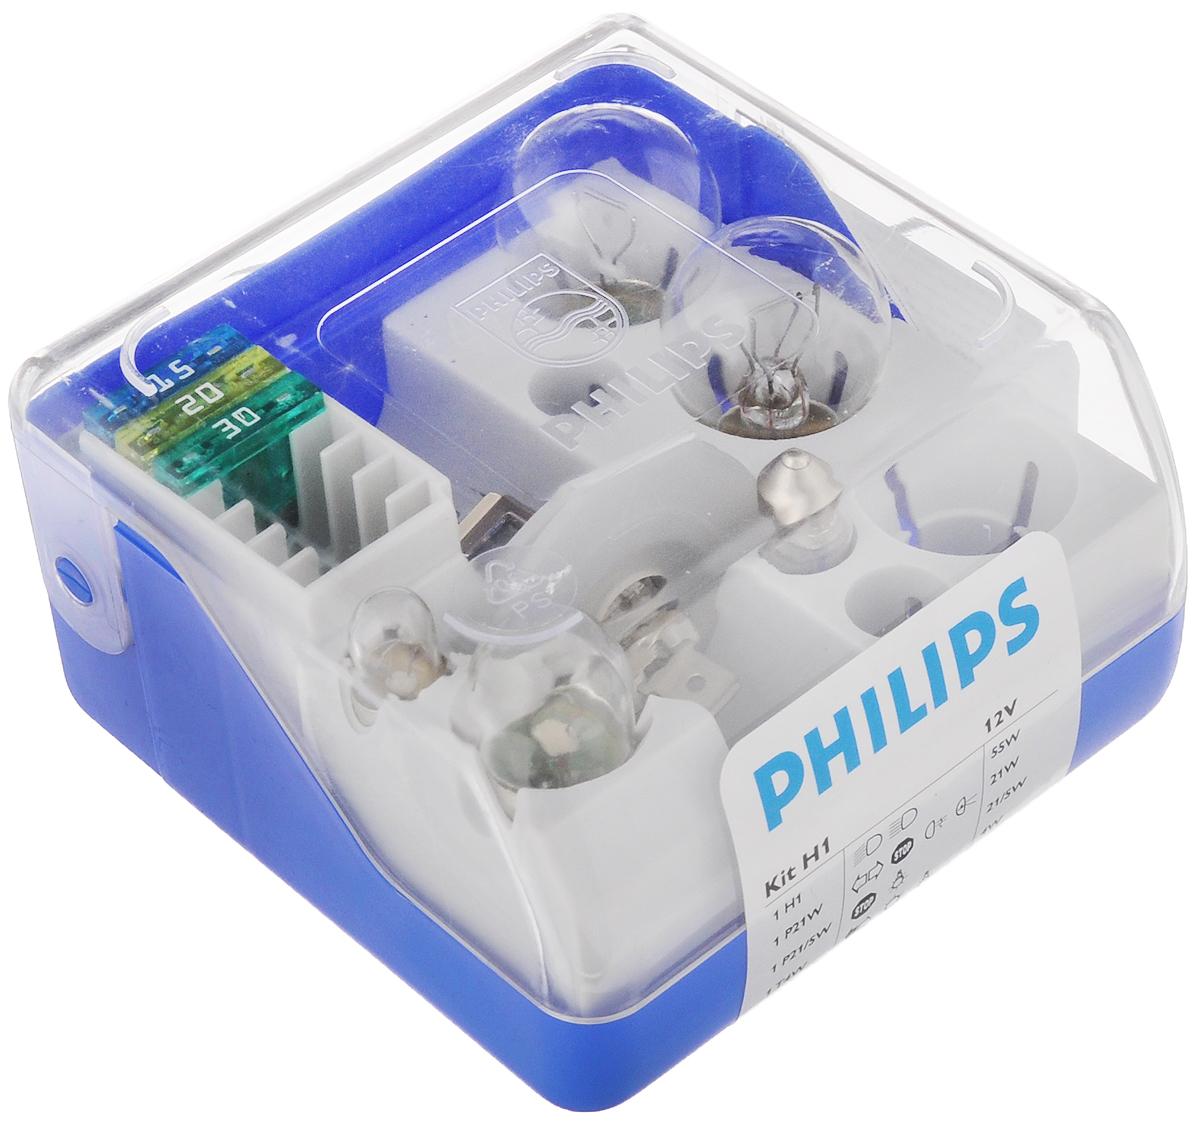 Набор автомобильных ламп Philips, 9 предметов10503В комплект Philips входят лампы для автомобильных фар, обеспечивающие на 30% больше света. Лампы излучают мощный точно направленный луч света и характеризуются высокой светоотдачей, увеличивая видимость вашего автомобиля на дороге.Состав набора:1 H1: 55 Вт.1 P21W: 21 Вт.1 P21/W: 21/5 Вт.1 T4W: 4 Вт.1 R5W: 5 Вт.1 C5W: 5 Вт.3 предохранителя: 15 А, 20 А, 30 А.